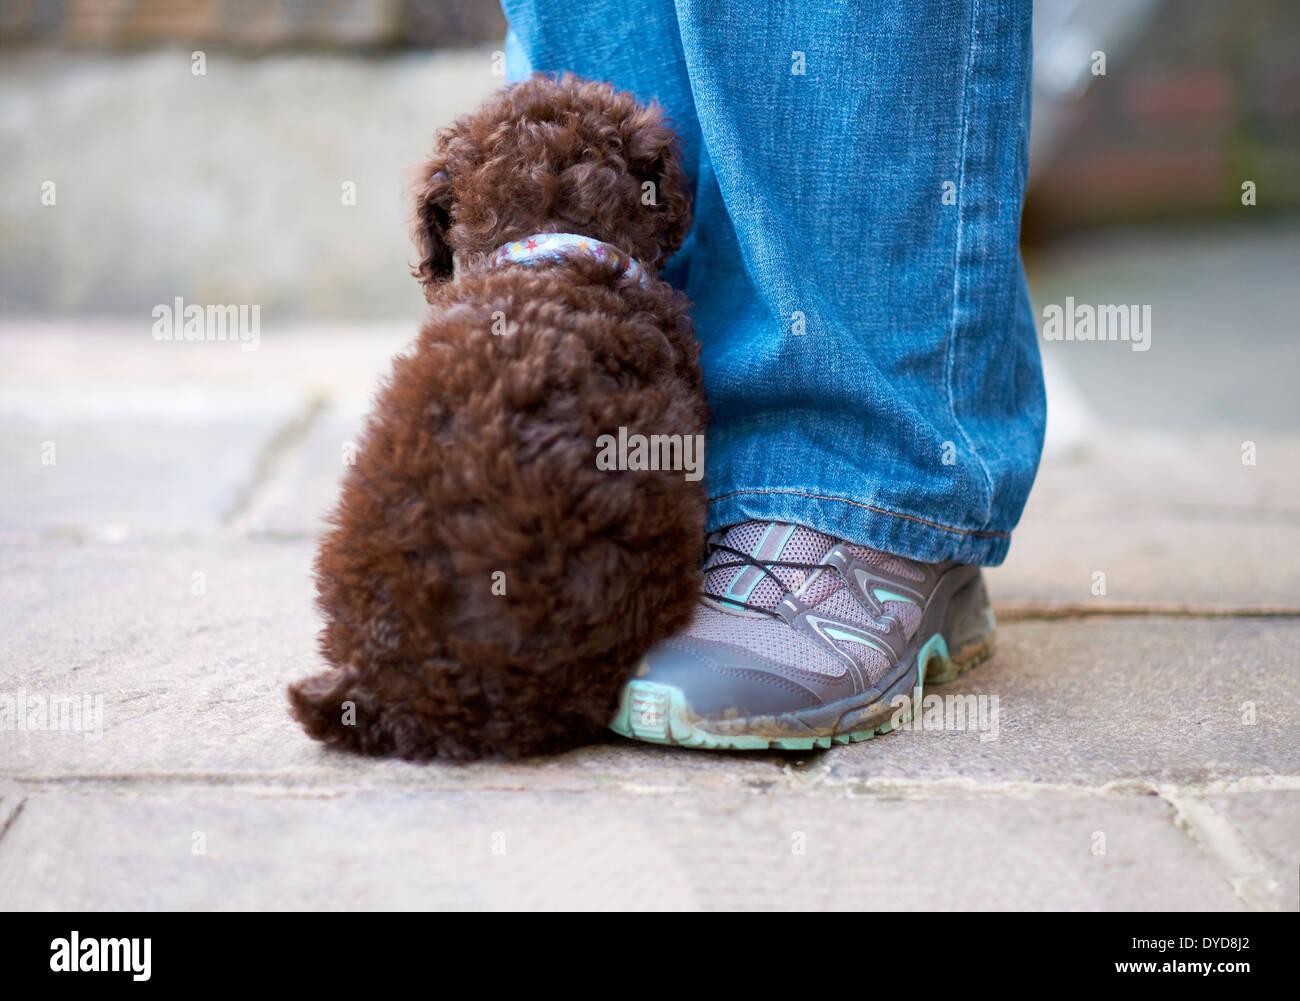 Un caniche miniature timide assis par son propriétaire à l'extérieur de la jambe. Photo Stock